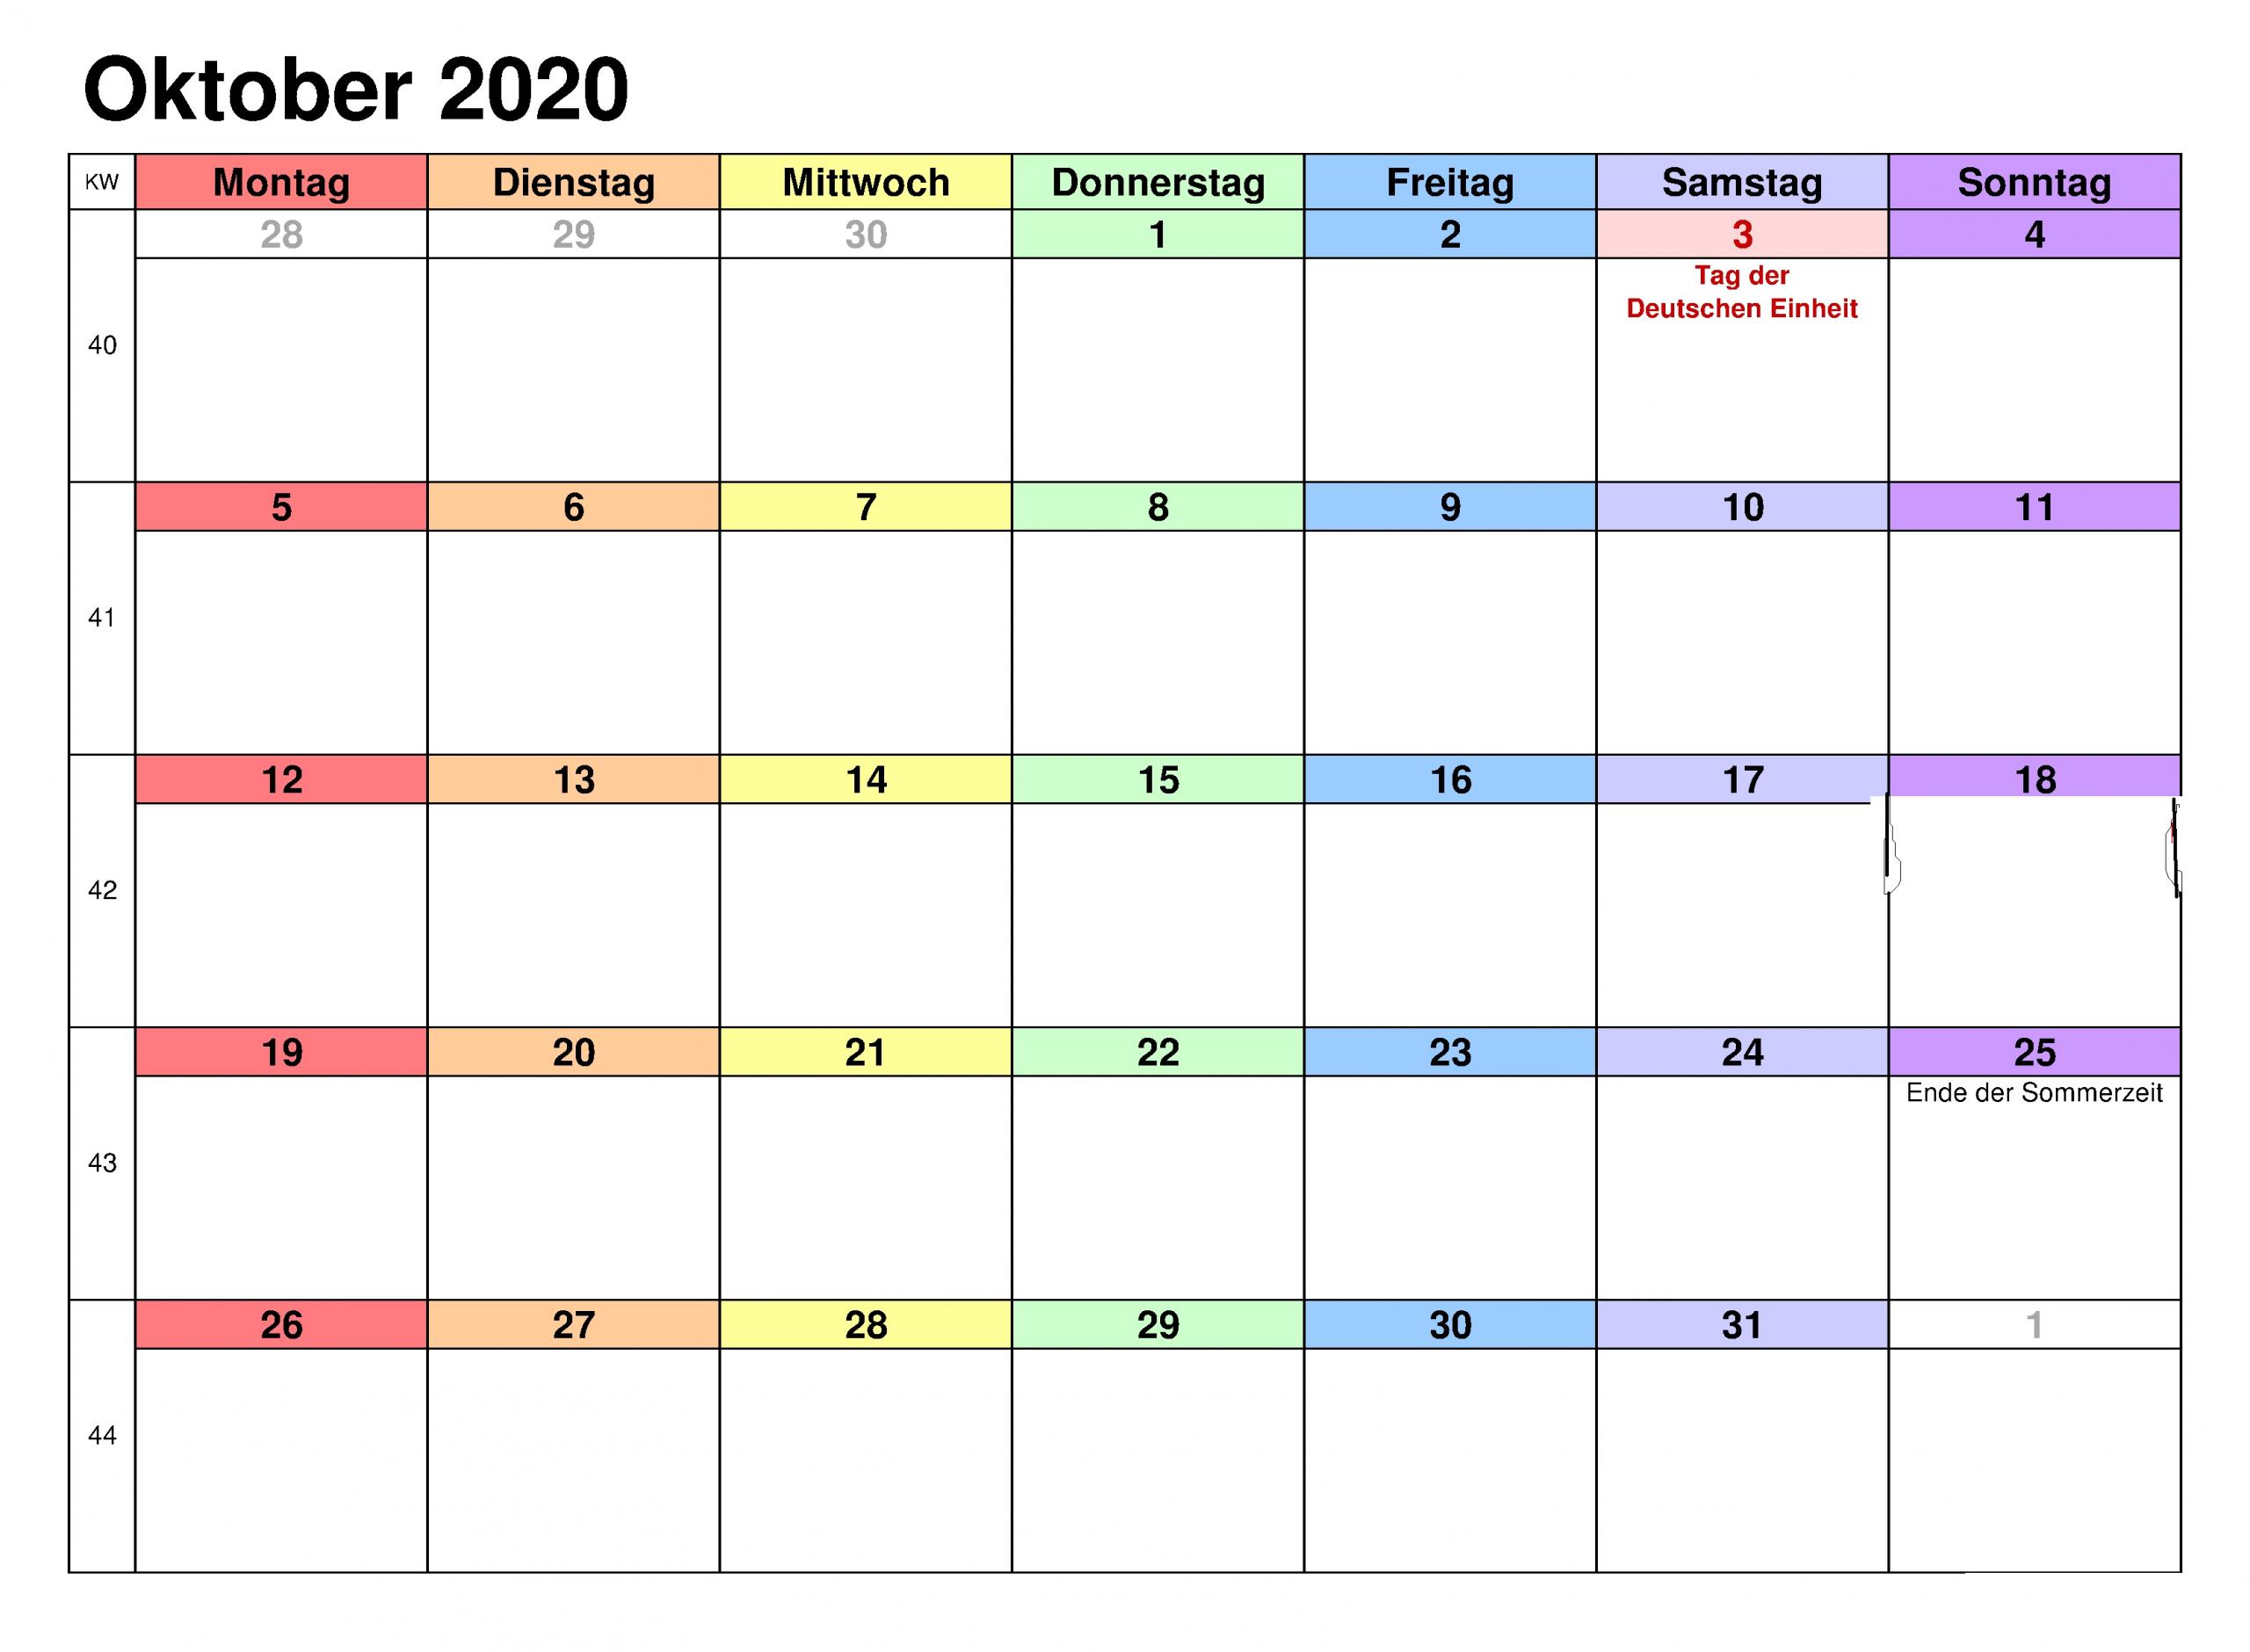 Free Kostenlos Oktober 2020 Kalender Druckbare Vorlagen In Pdf Word Excel